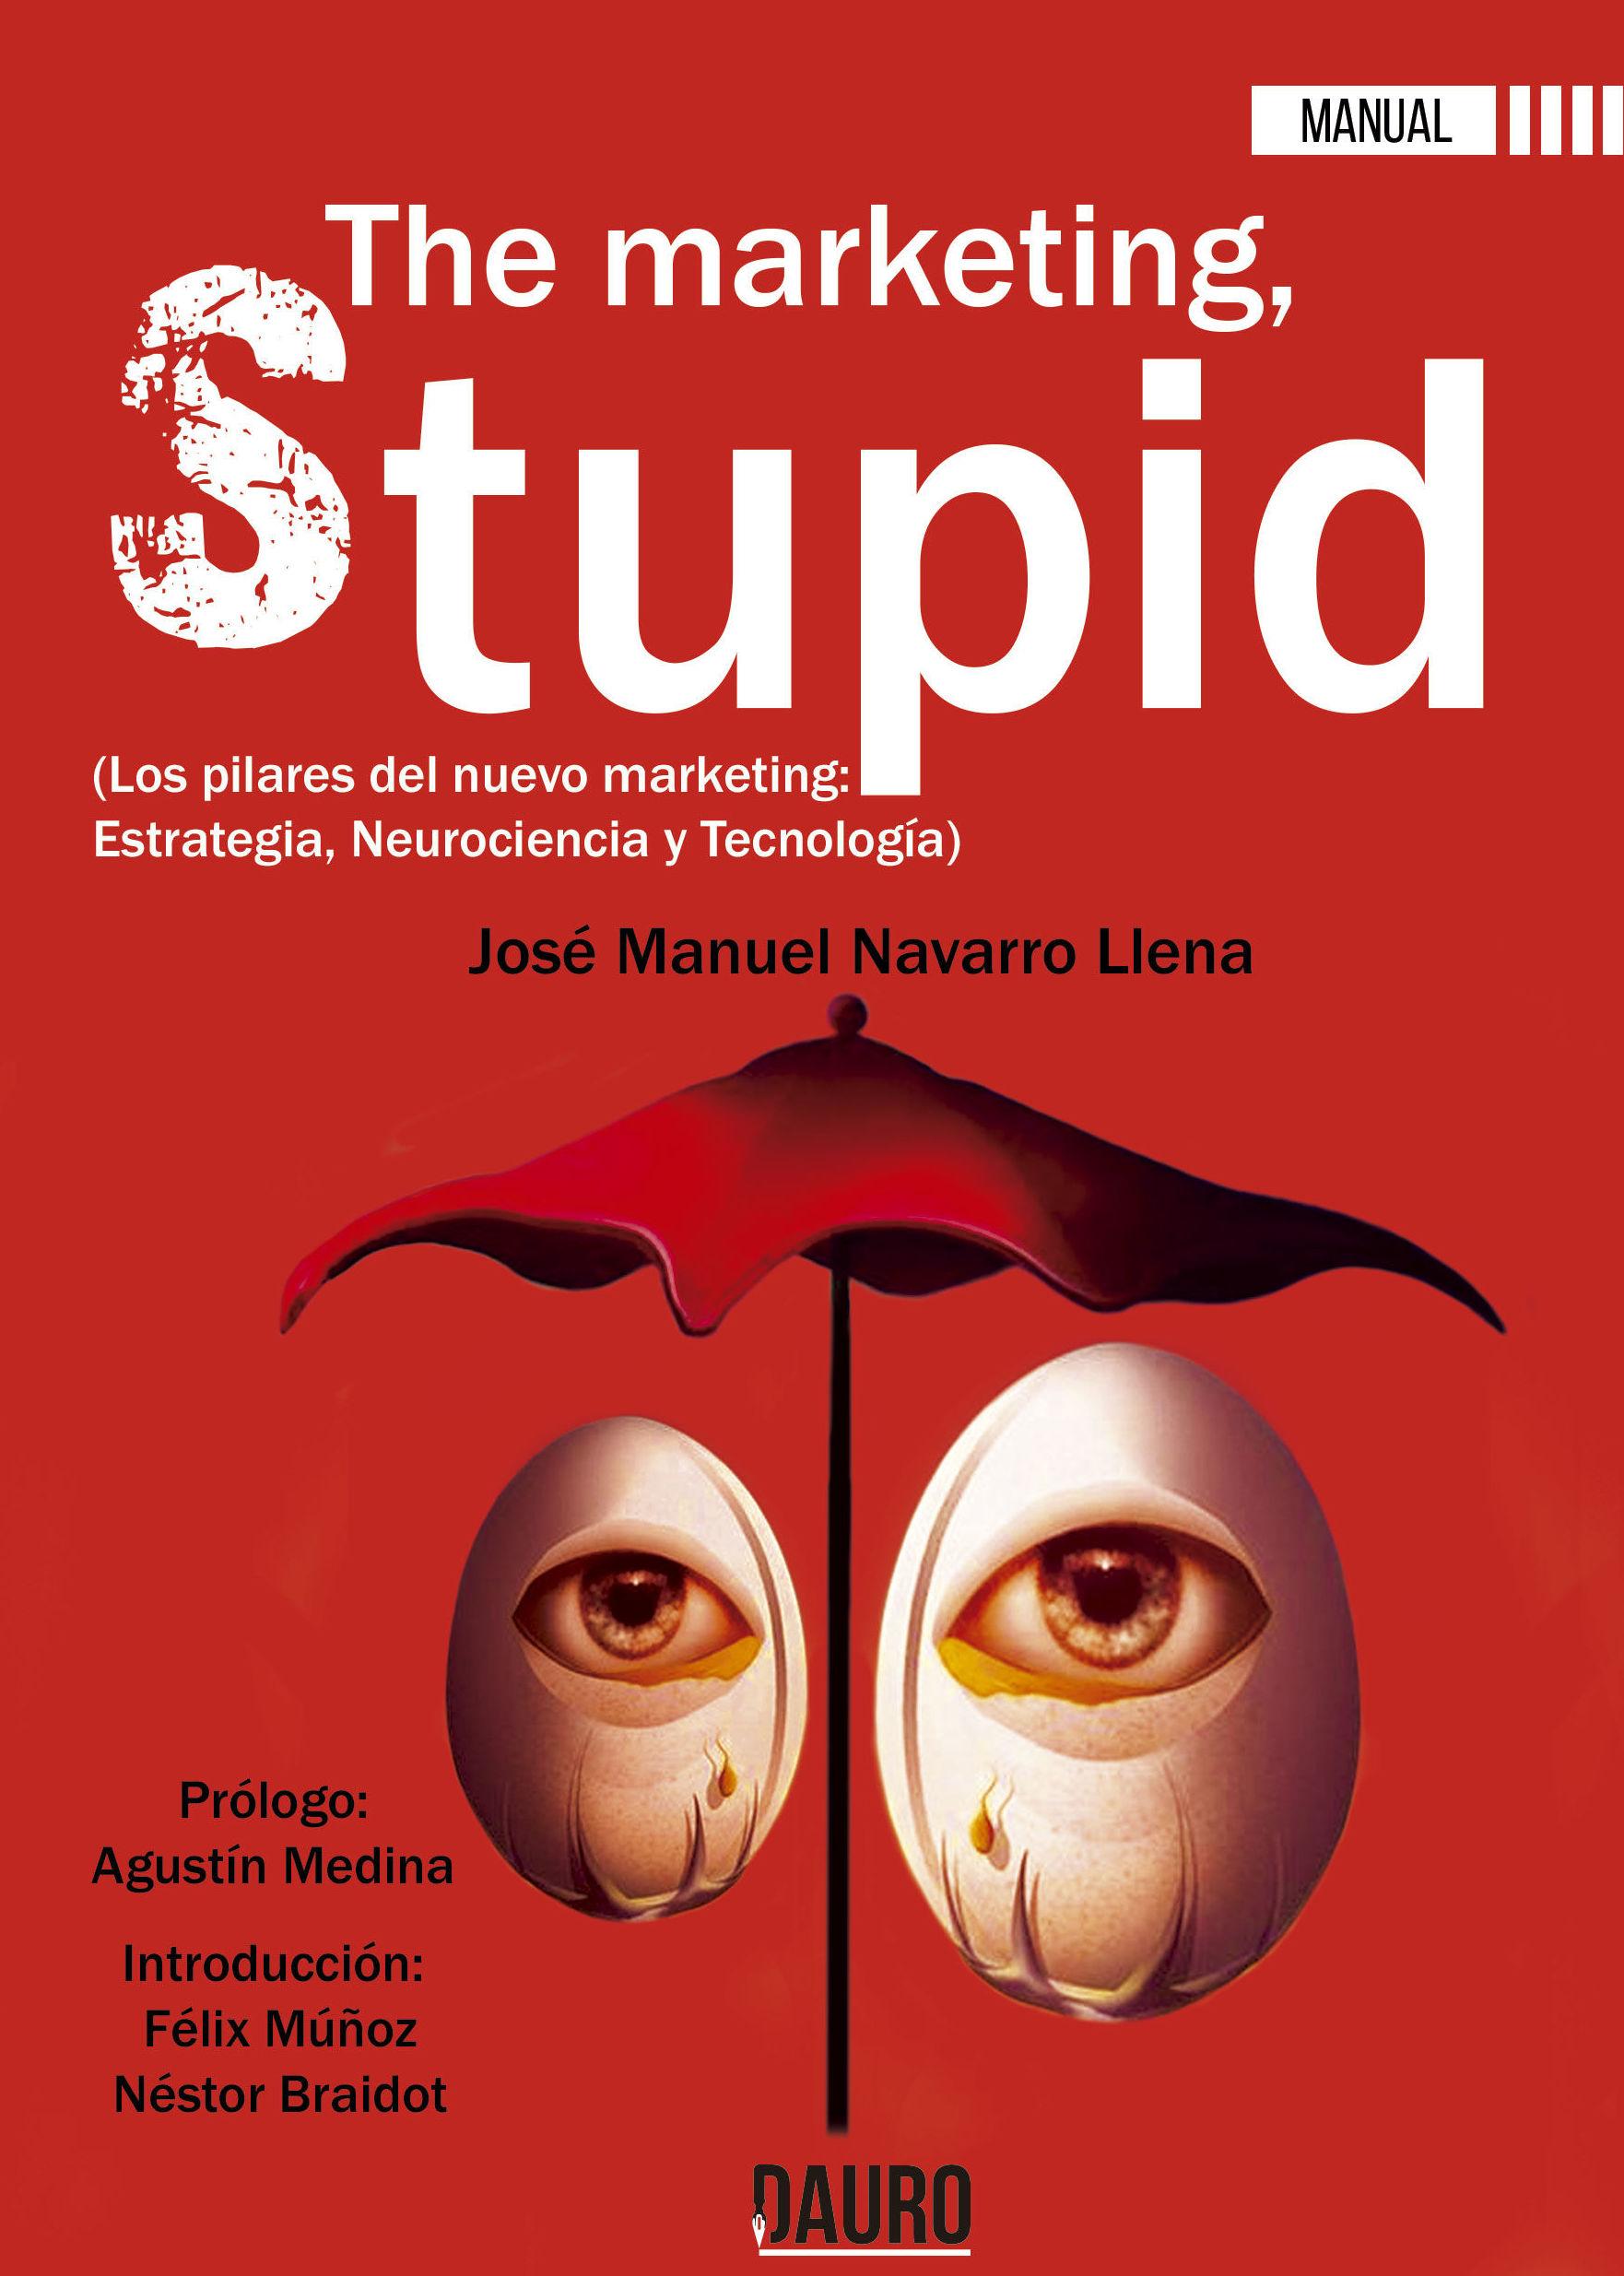 Foto 23 de Editorial en Granada   Ediciones Dauro. Cuna de Autores de Éxito